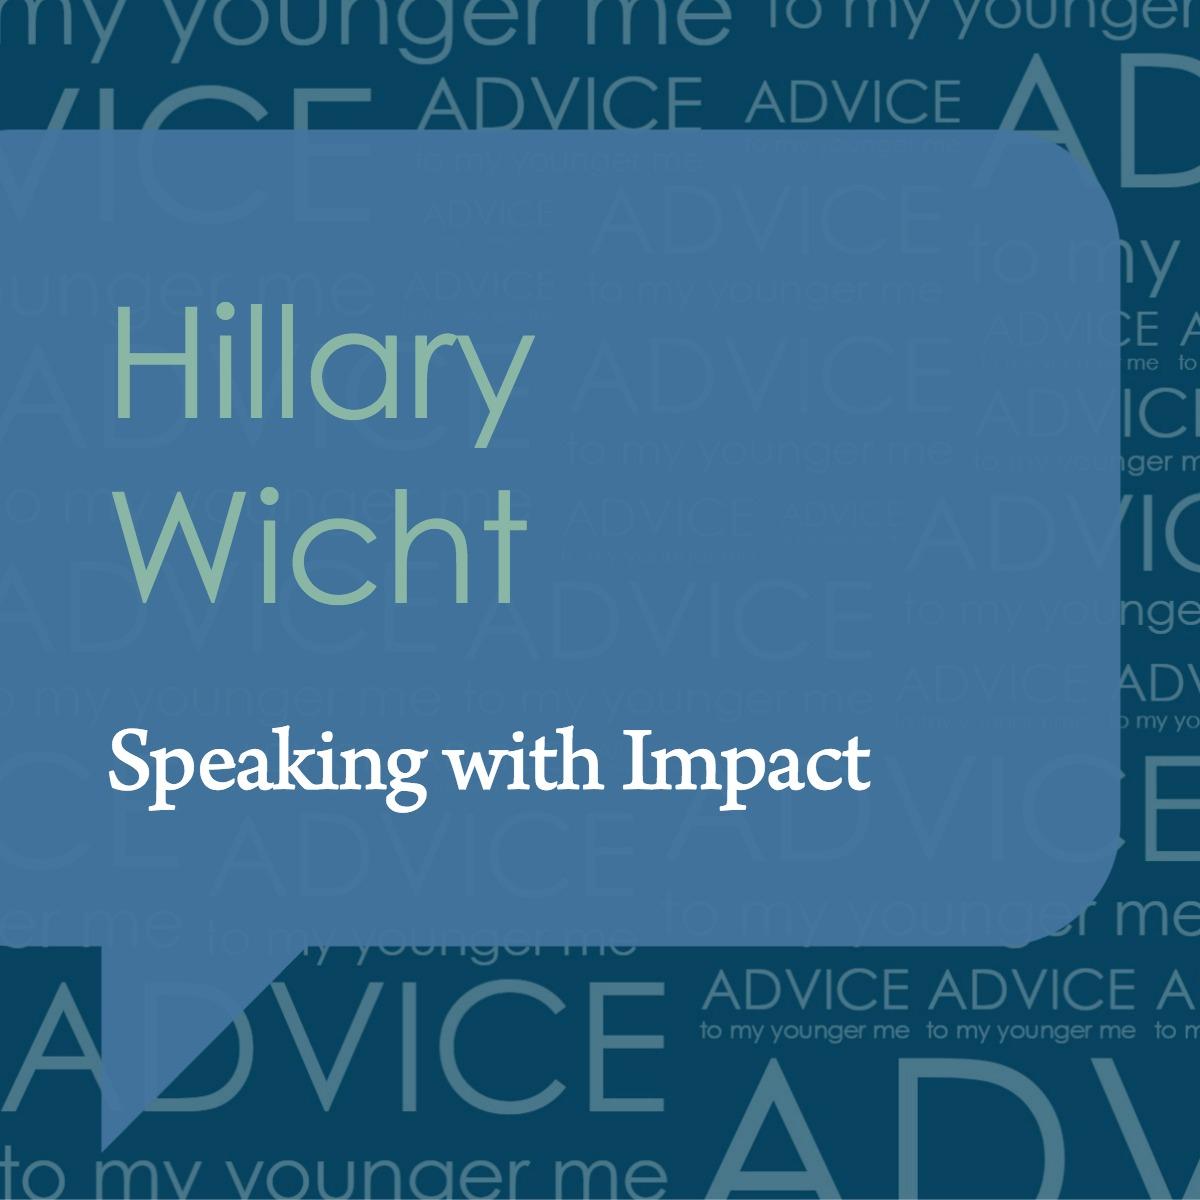 Hillary Wicht